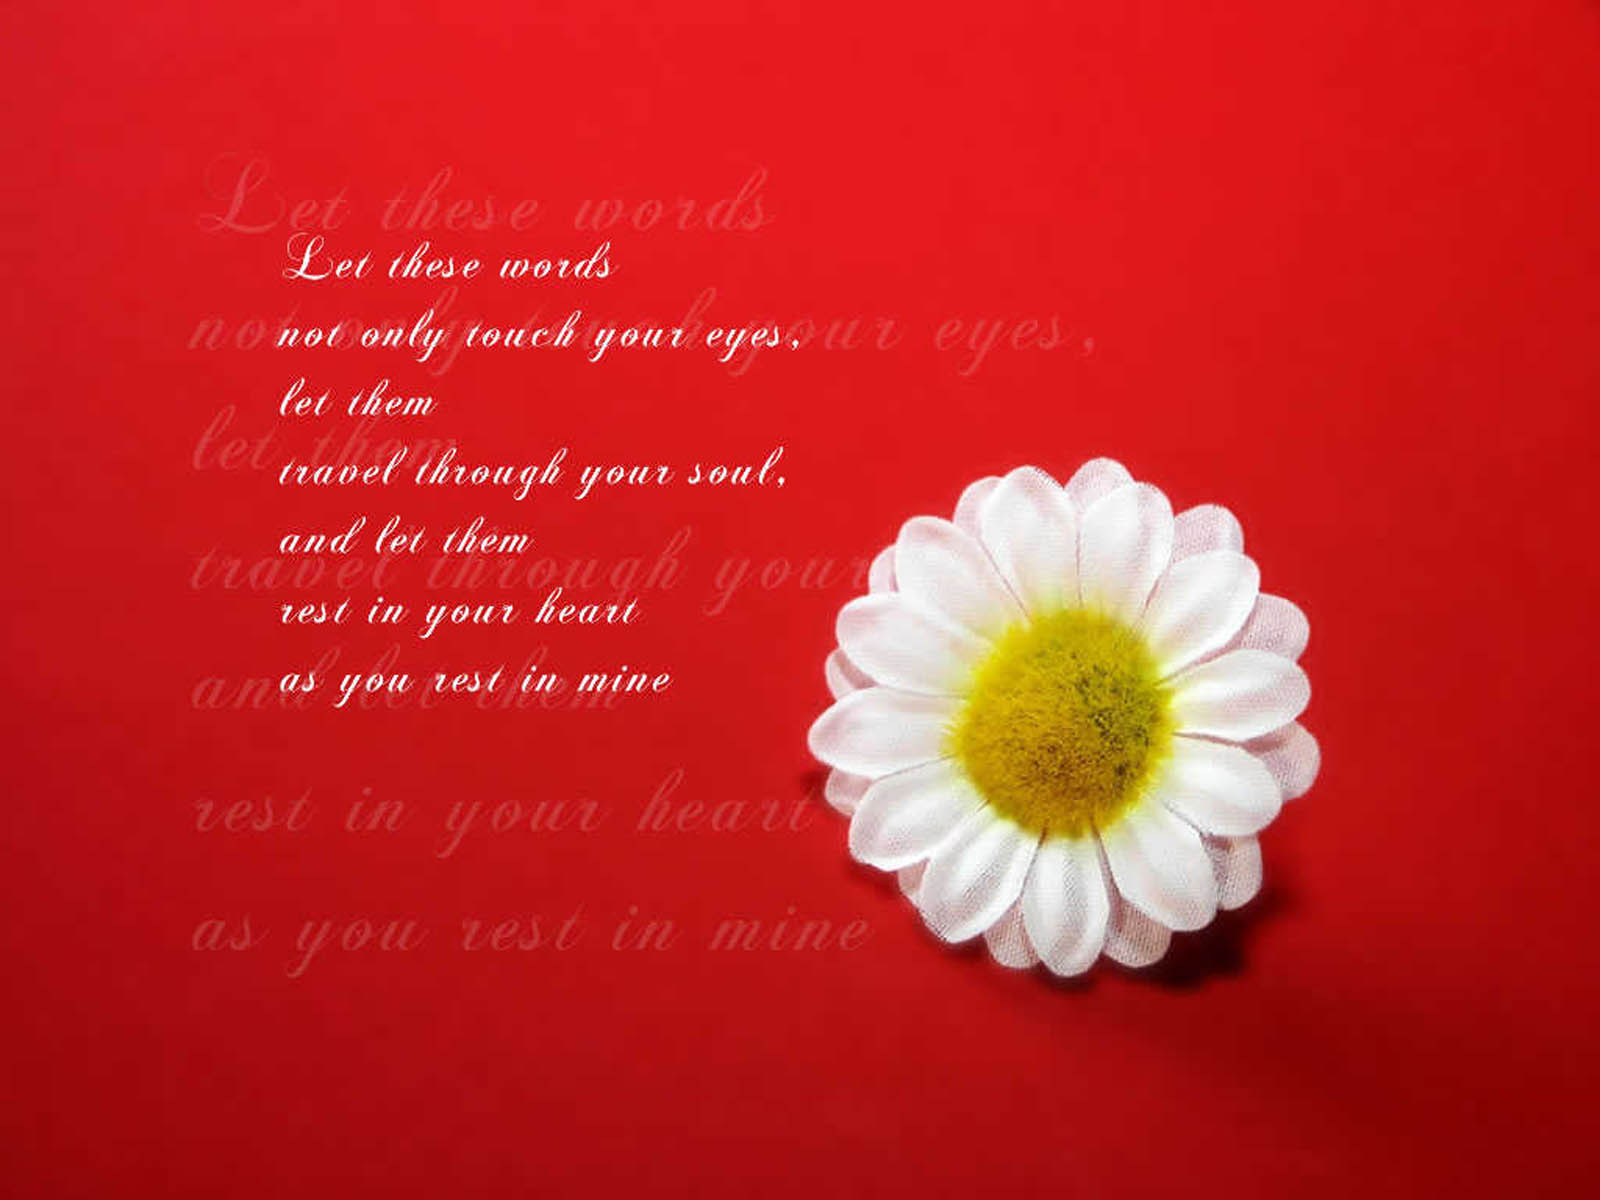 wallpaper: love quotes desktop wallpapers